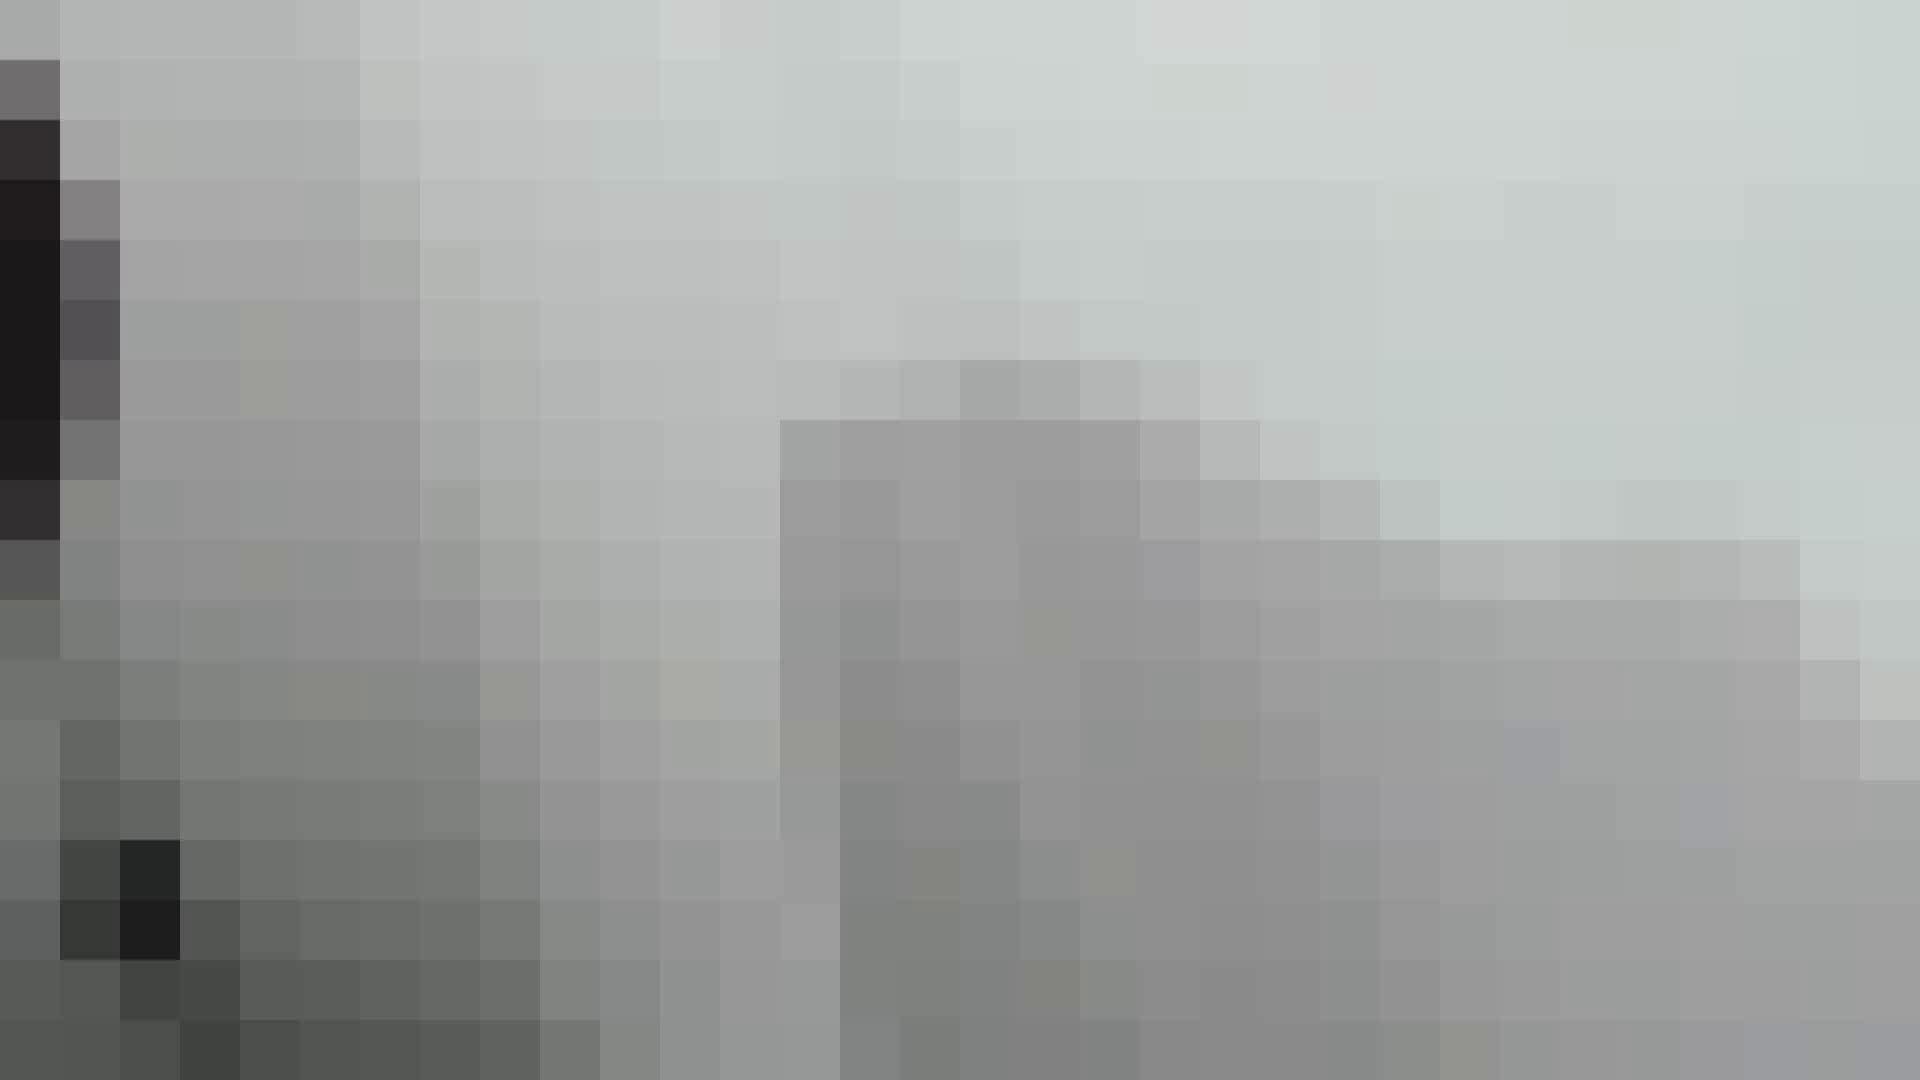 【日本成人用品展览会。超模如云】vol.01 着替 空爆 OLの実態   潜入  100pic 73